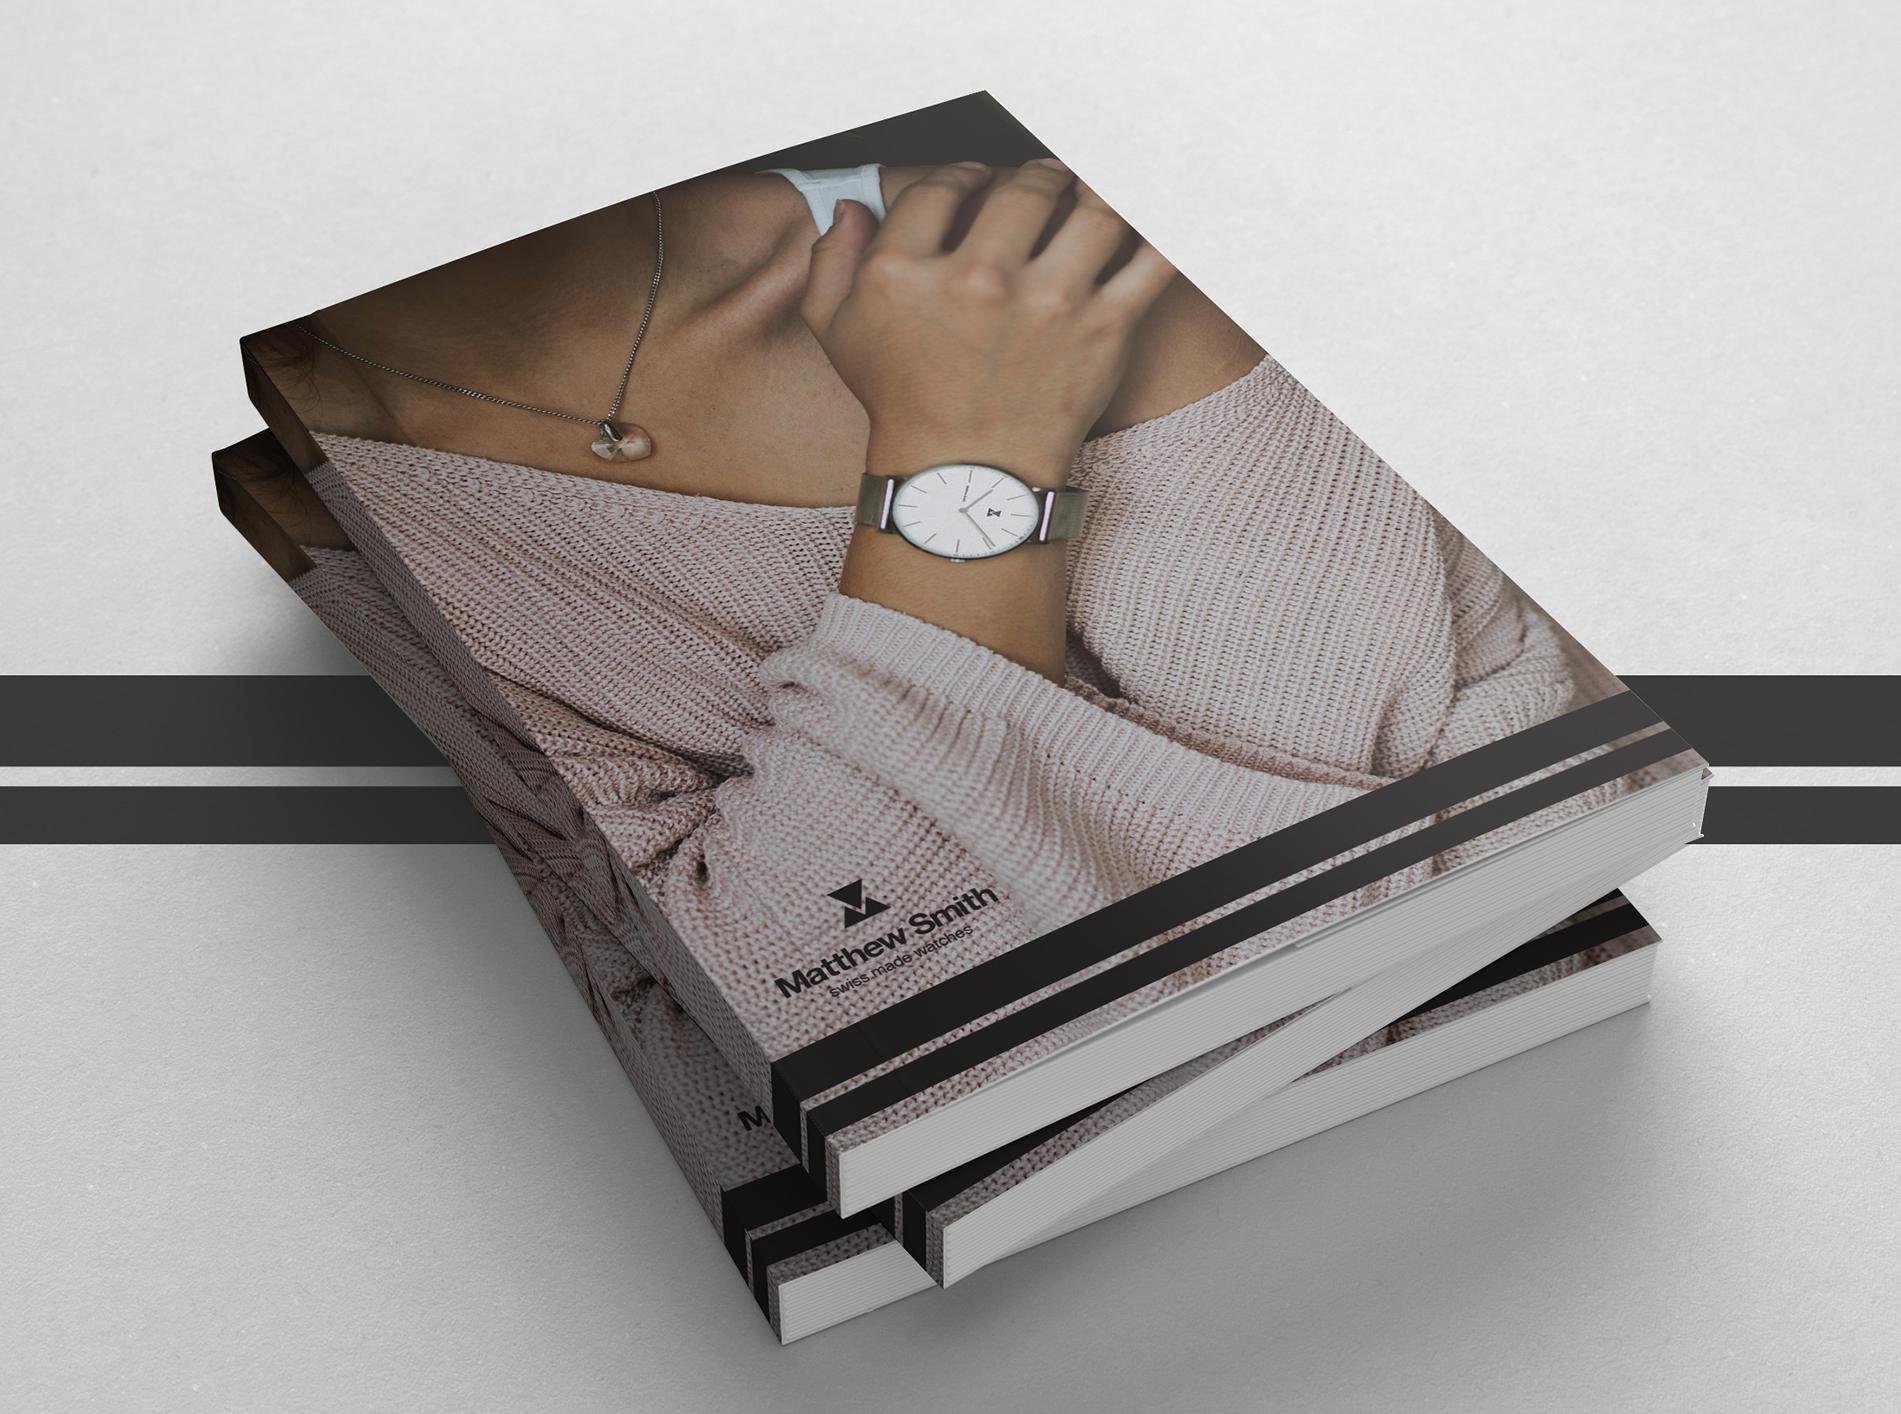 Magazine design for premium watches